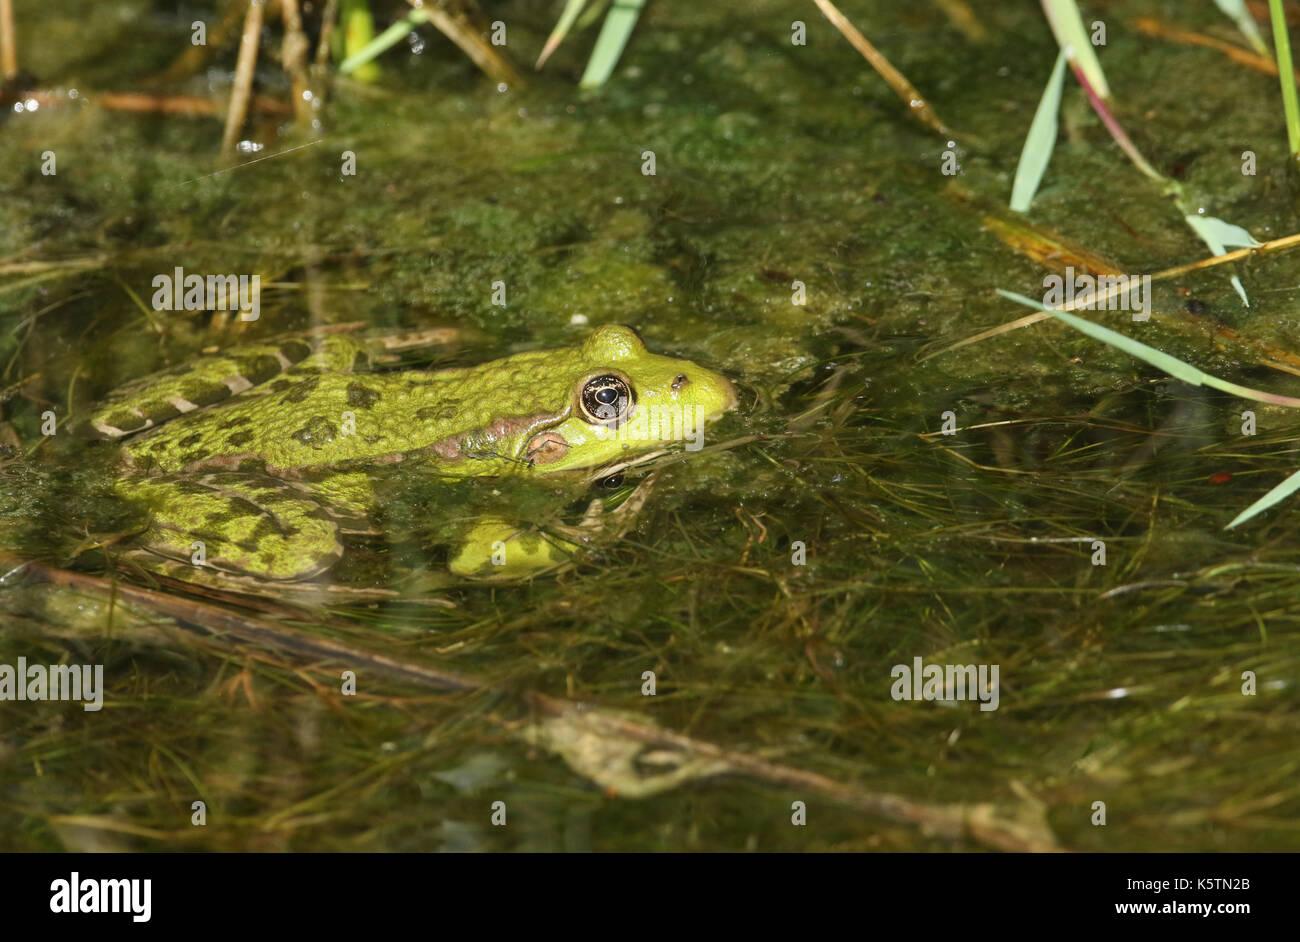 Una rana di palude (pelophylax (ex) rana ridibunda) seduto in un flusso parzialmente immerso nell'acqua. Immagini Stock